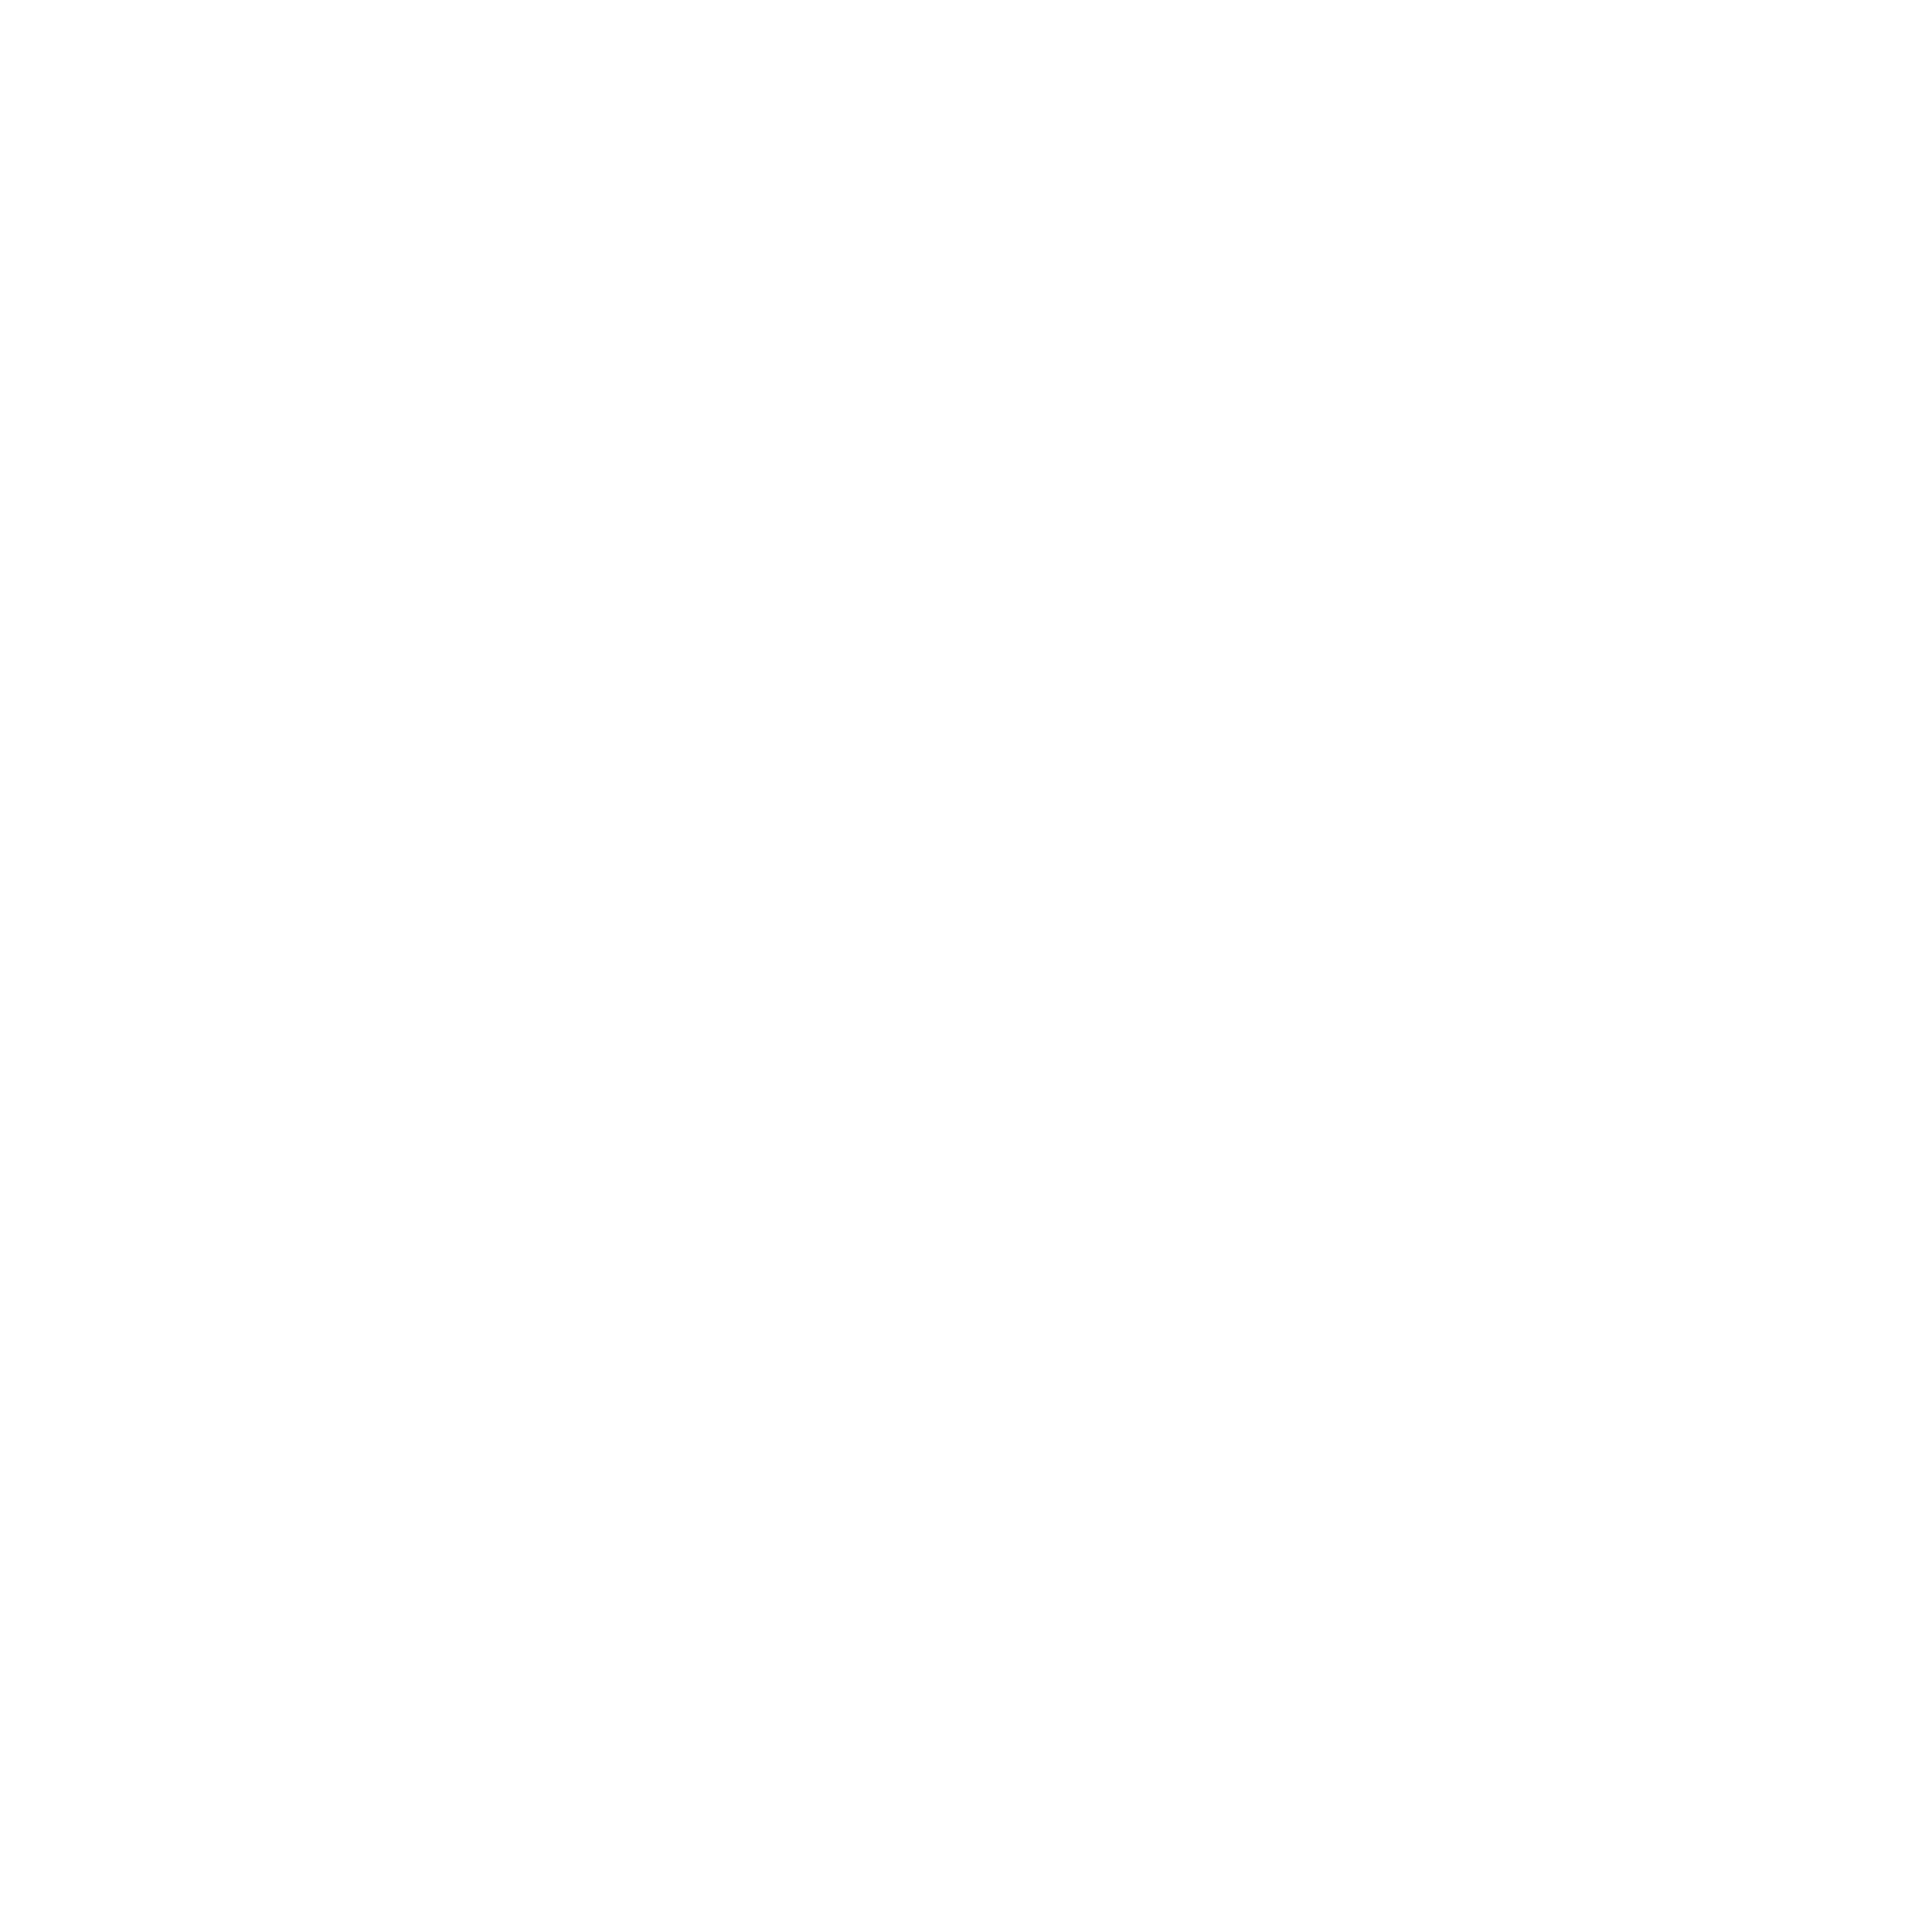 Wellness Brand Design Bernardo Covas